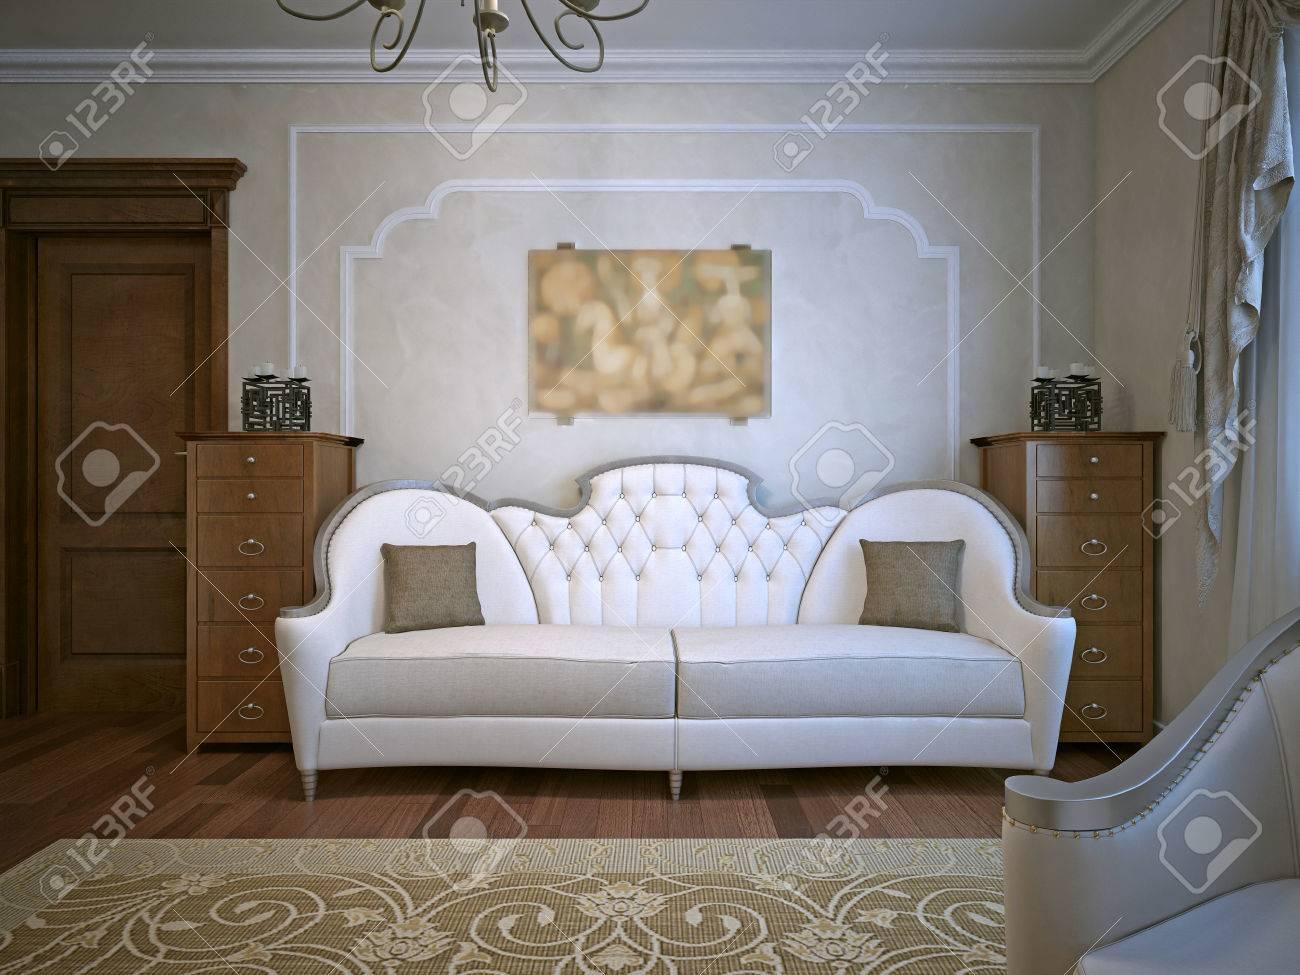 Standard Bild   Wohnzimmer Mit Eichenmöbeln. Beige Tapeten 3D übertragen